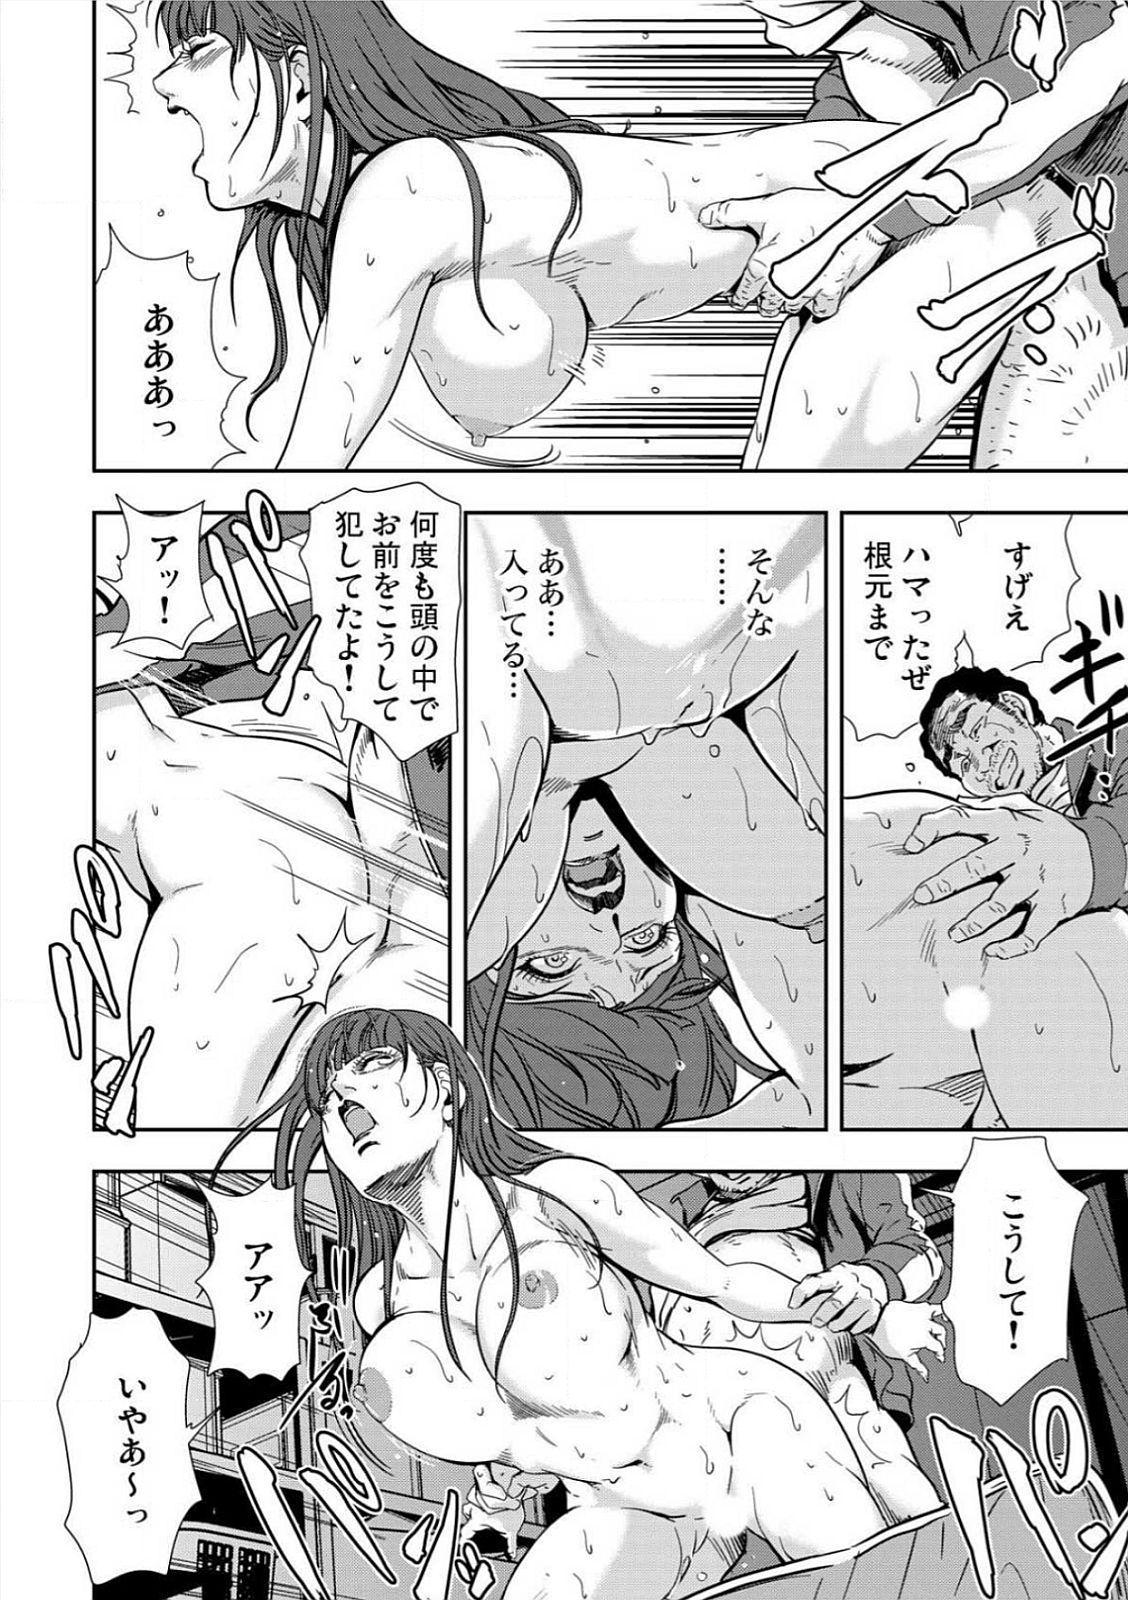 [Misaki Yukihiro] Kyousei Shidou ~Mechakucha ni Kegasarete~ (1)~(6) [Digital] 45